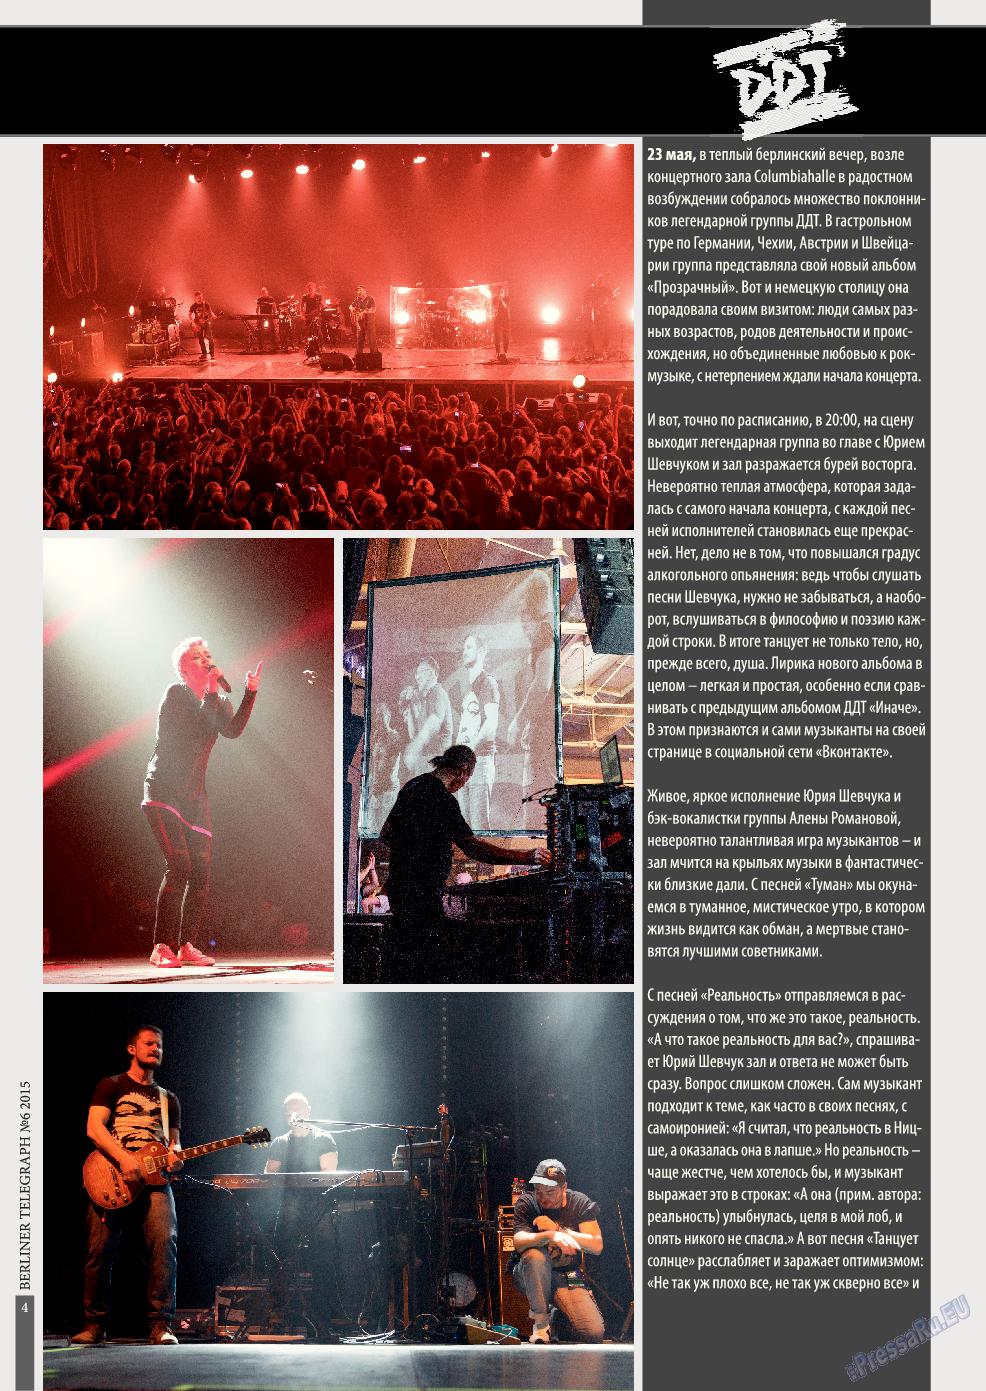 Берлинский телеграф (журнал). 2015 год, номер 6, стр. 4